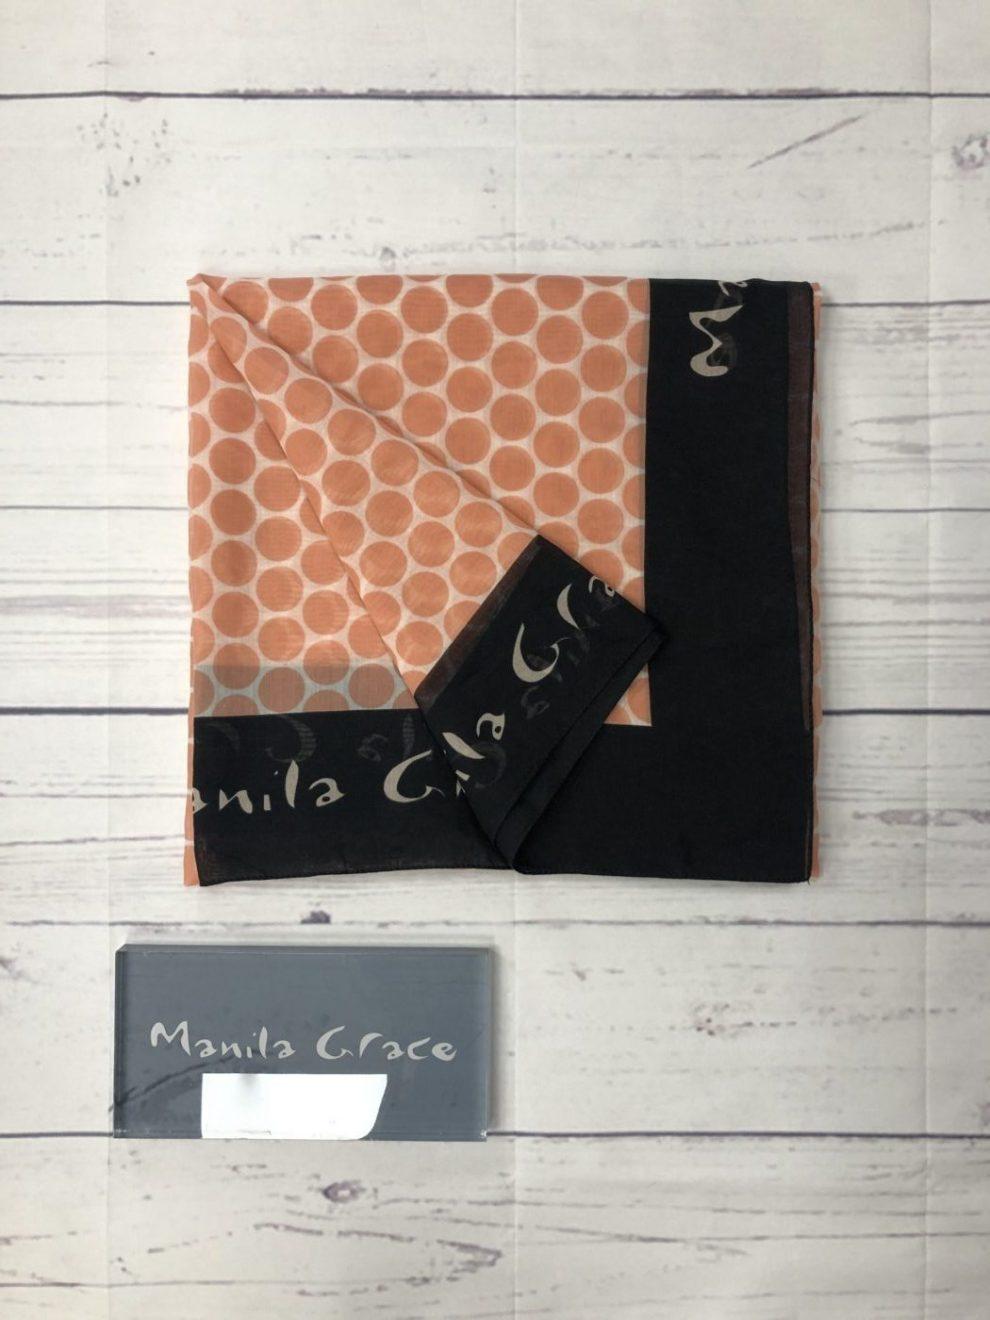 foulard nero e rosa e scritta sul bordo